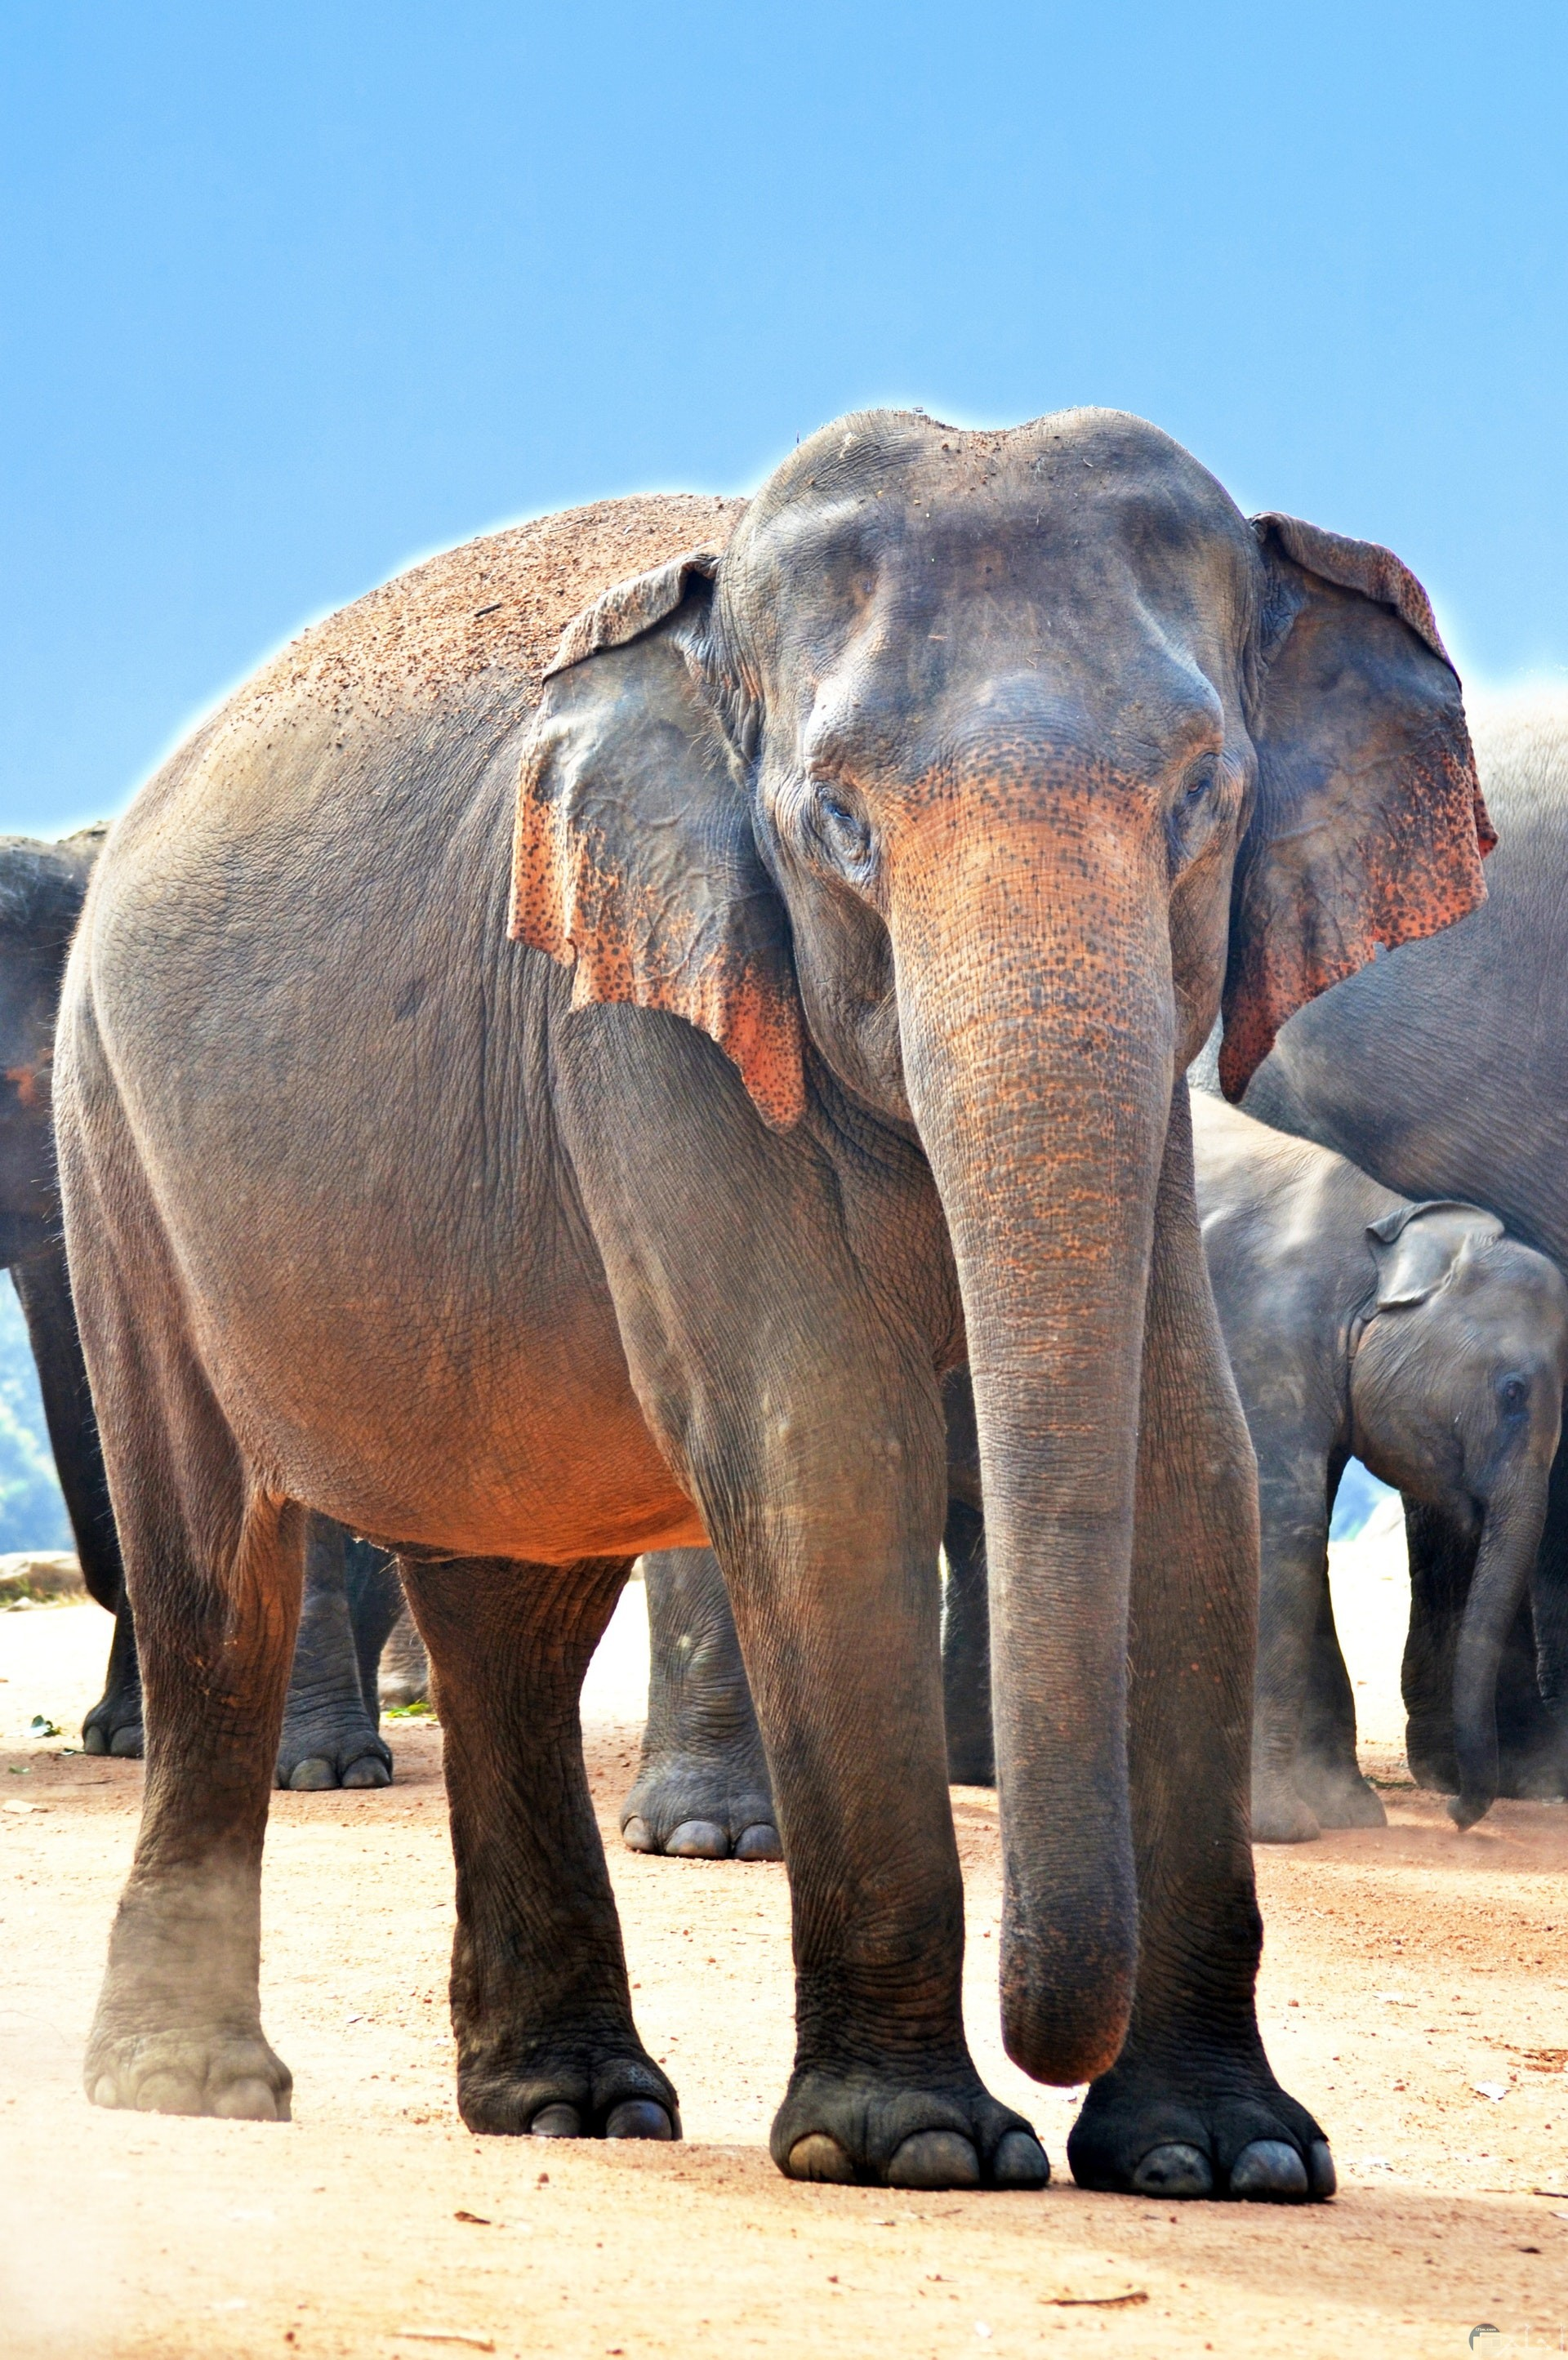 صورة مميزة لمجموعة من الفيلة مجتمعين معا جميلة جدا